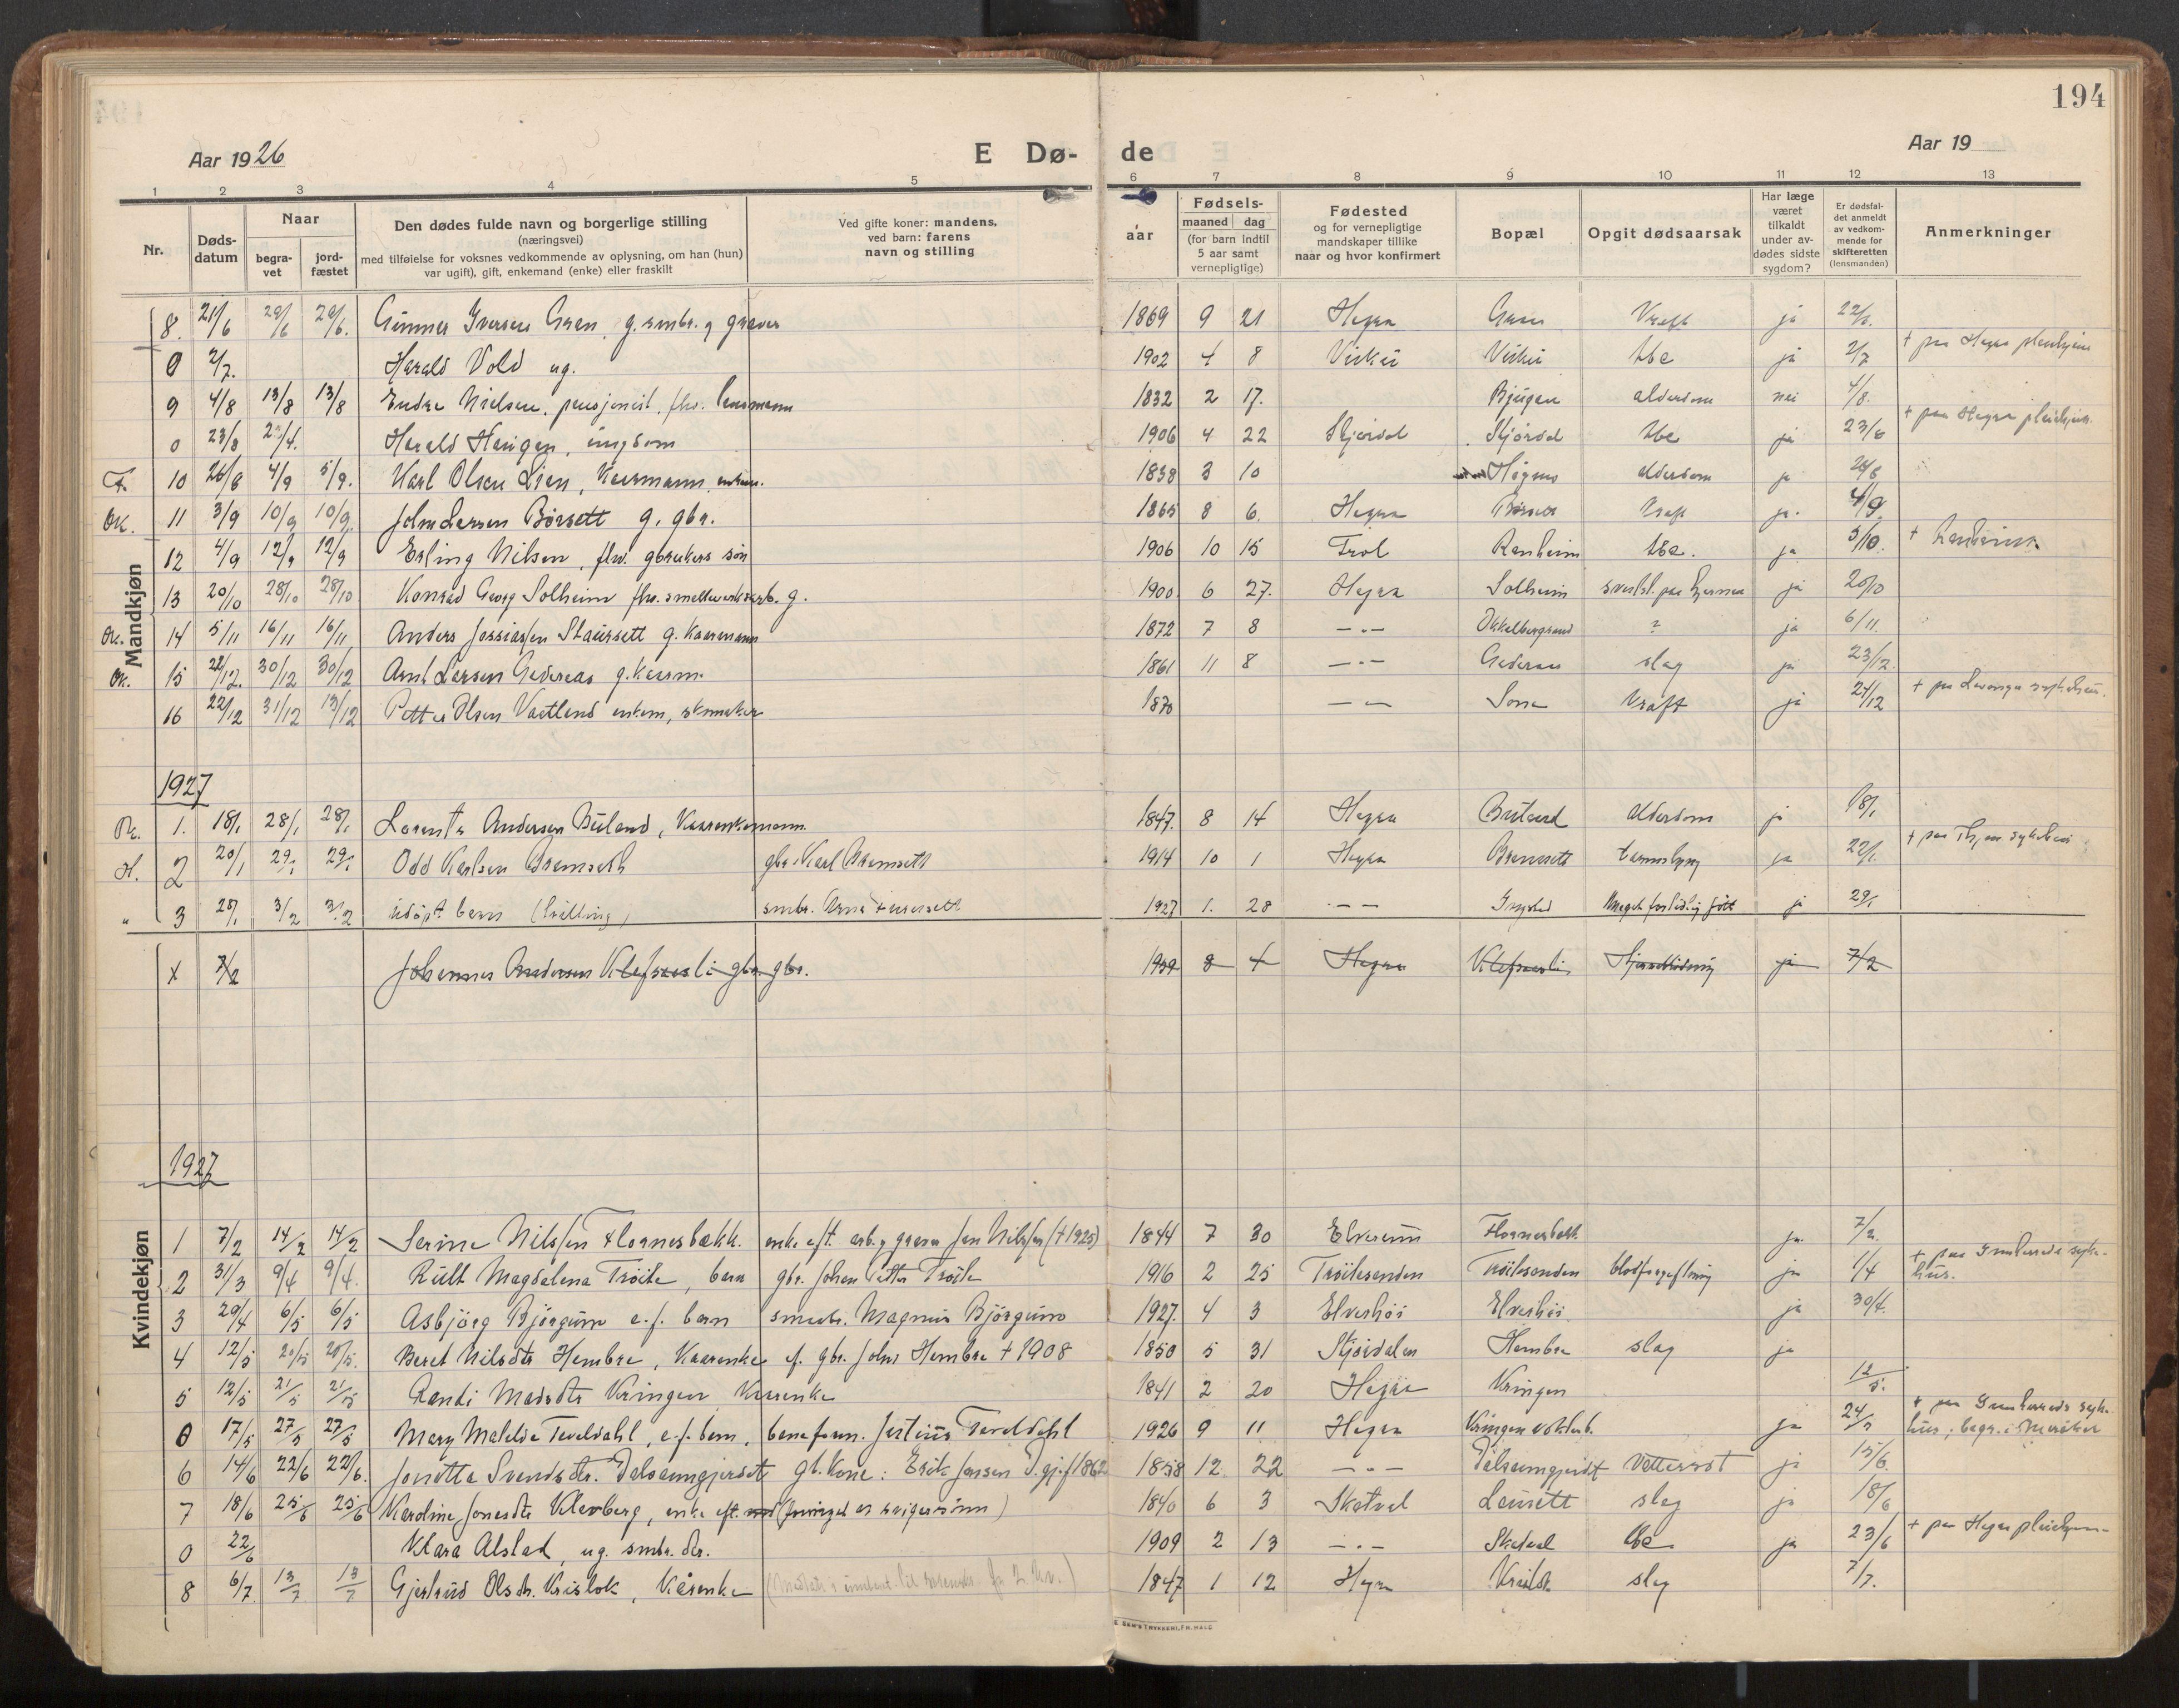 SAT, Ministerialprotokoller, klokkerbøker og fødselsregistre - Nord-Trøndelag, 703/L0037: Parish register (official) no. 703A10, 1915-1932, p. 194